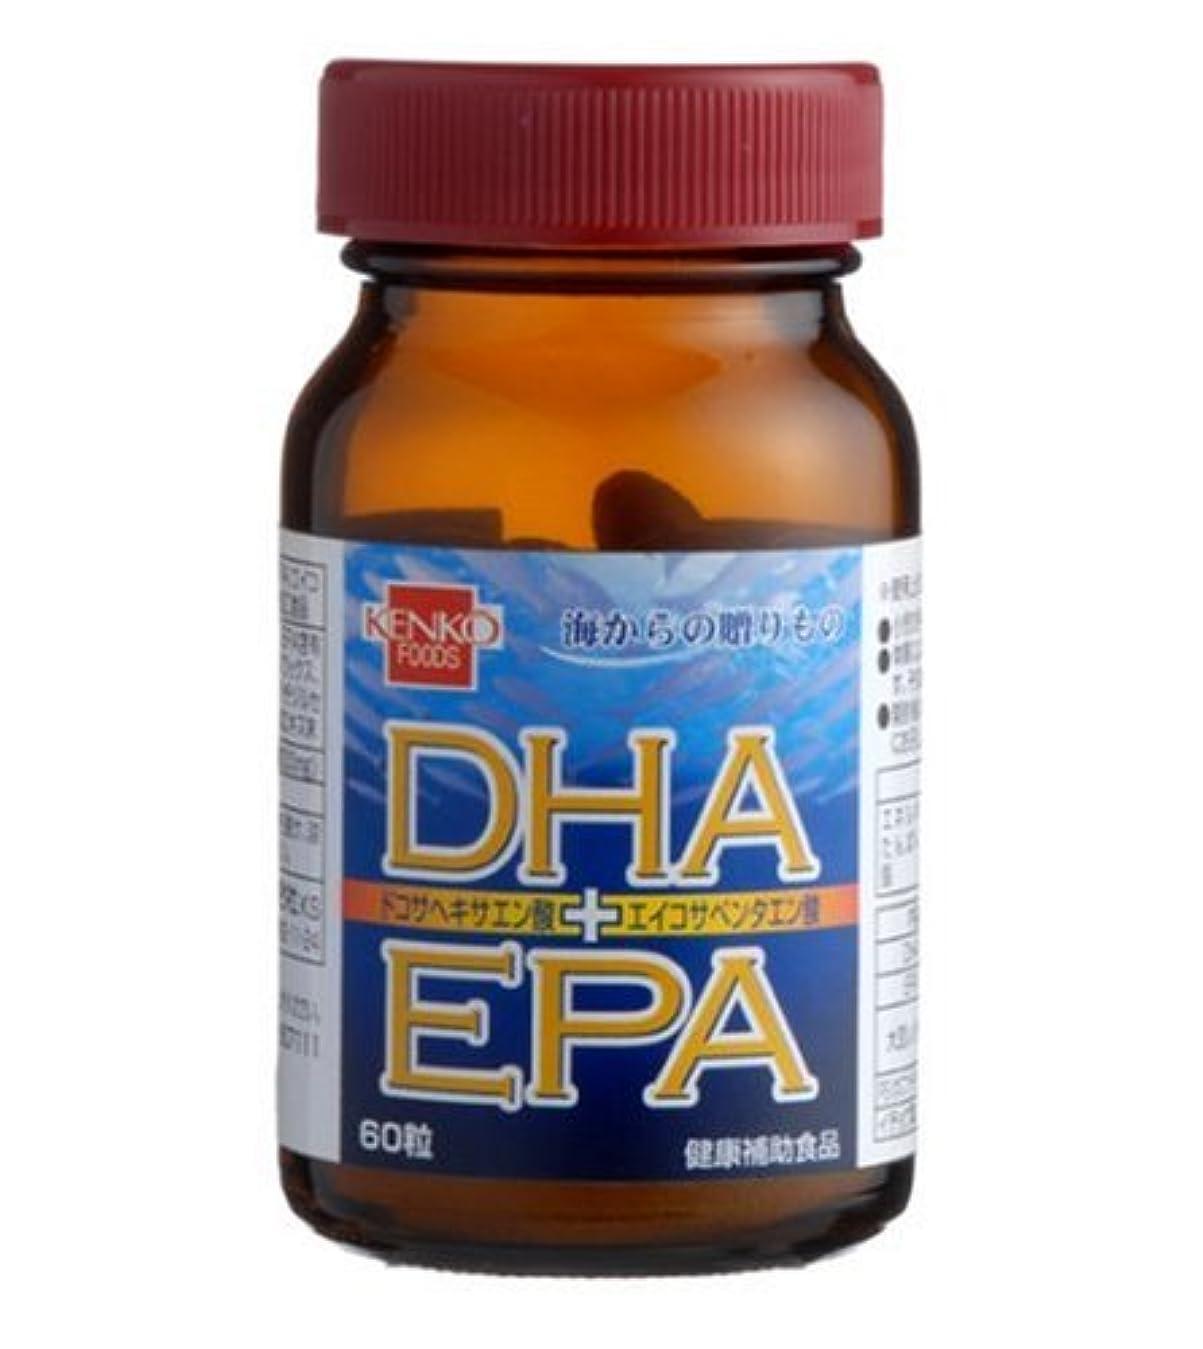 リール海賊偽物健康フーズ DHA+EPA 60粒